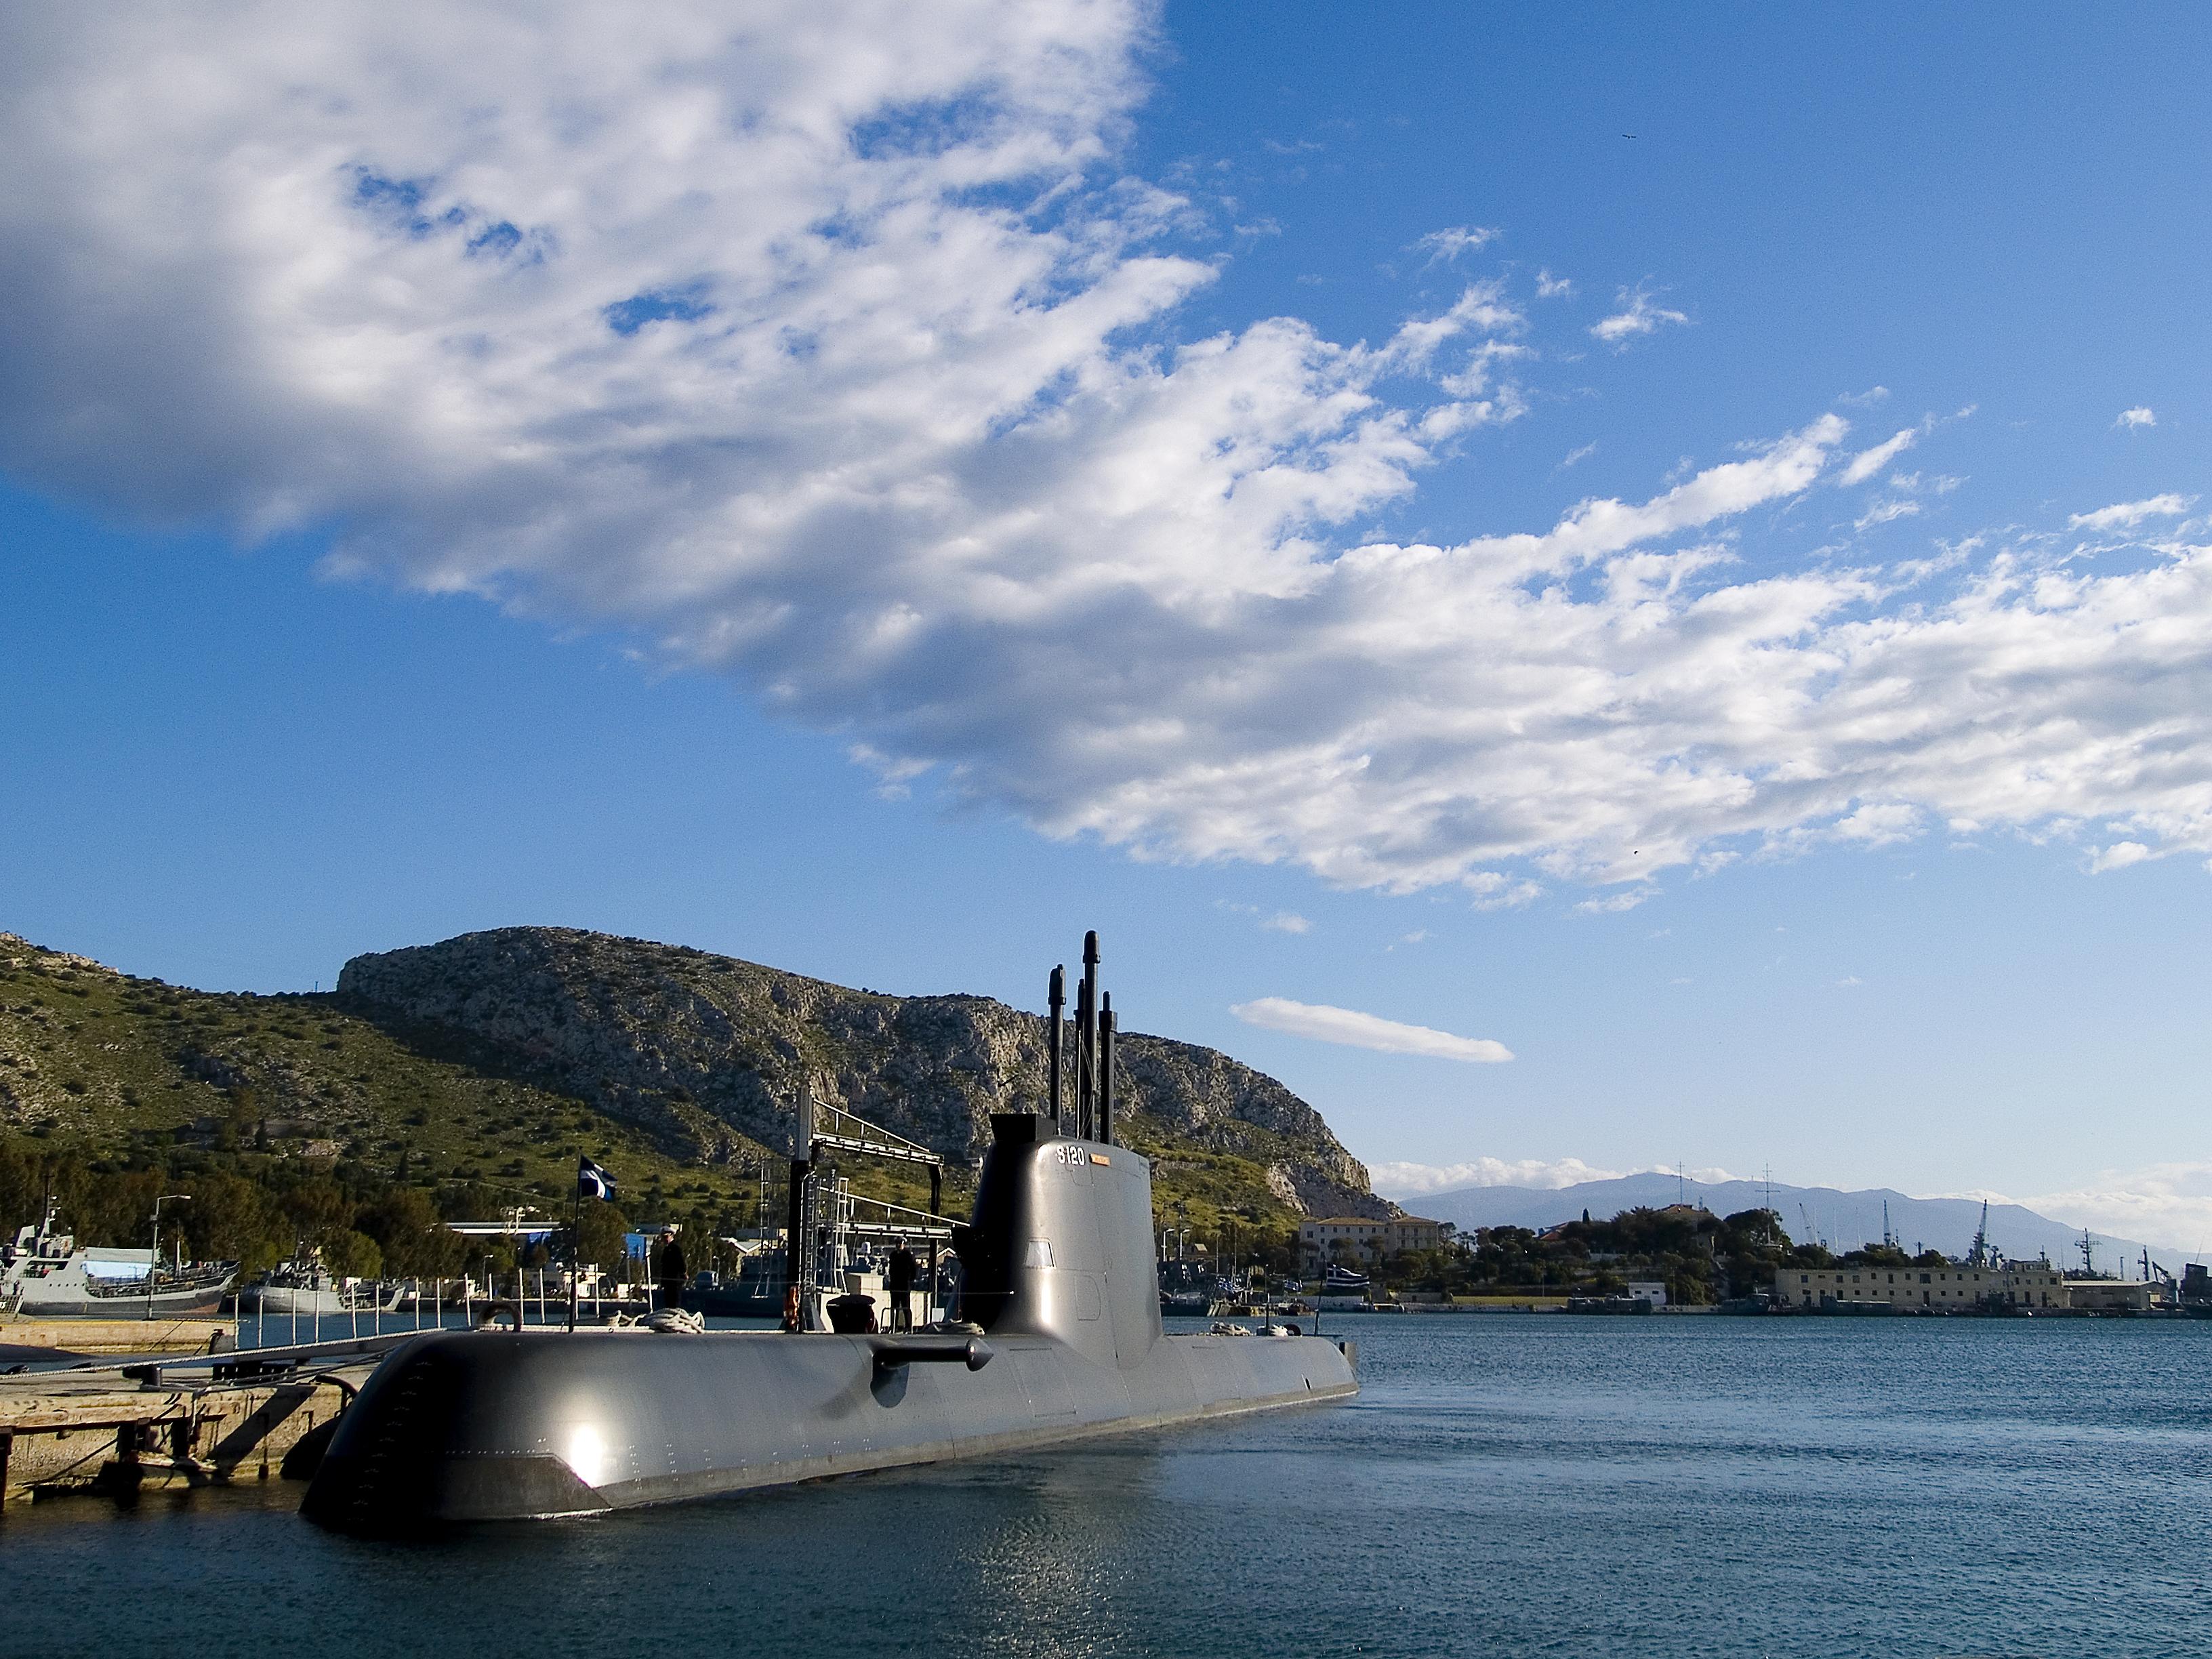 Αρχίζουν οι εργασίες στα τέσσερα υποβρύχια του Πολεμικού Ναυτικού | tovima.gr